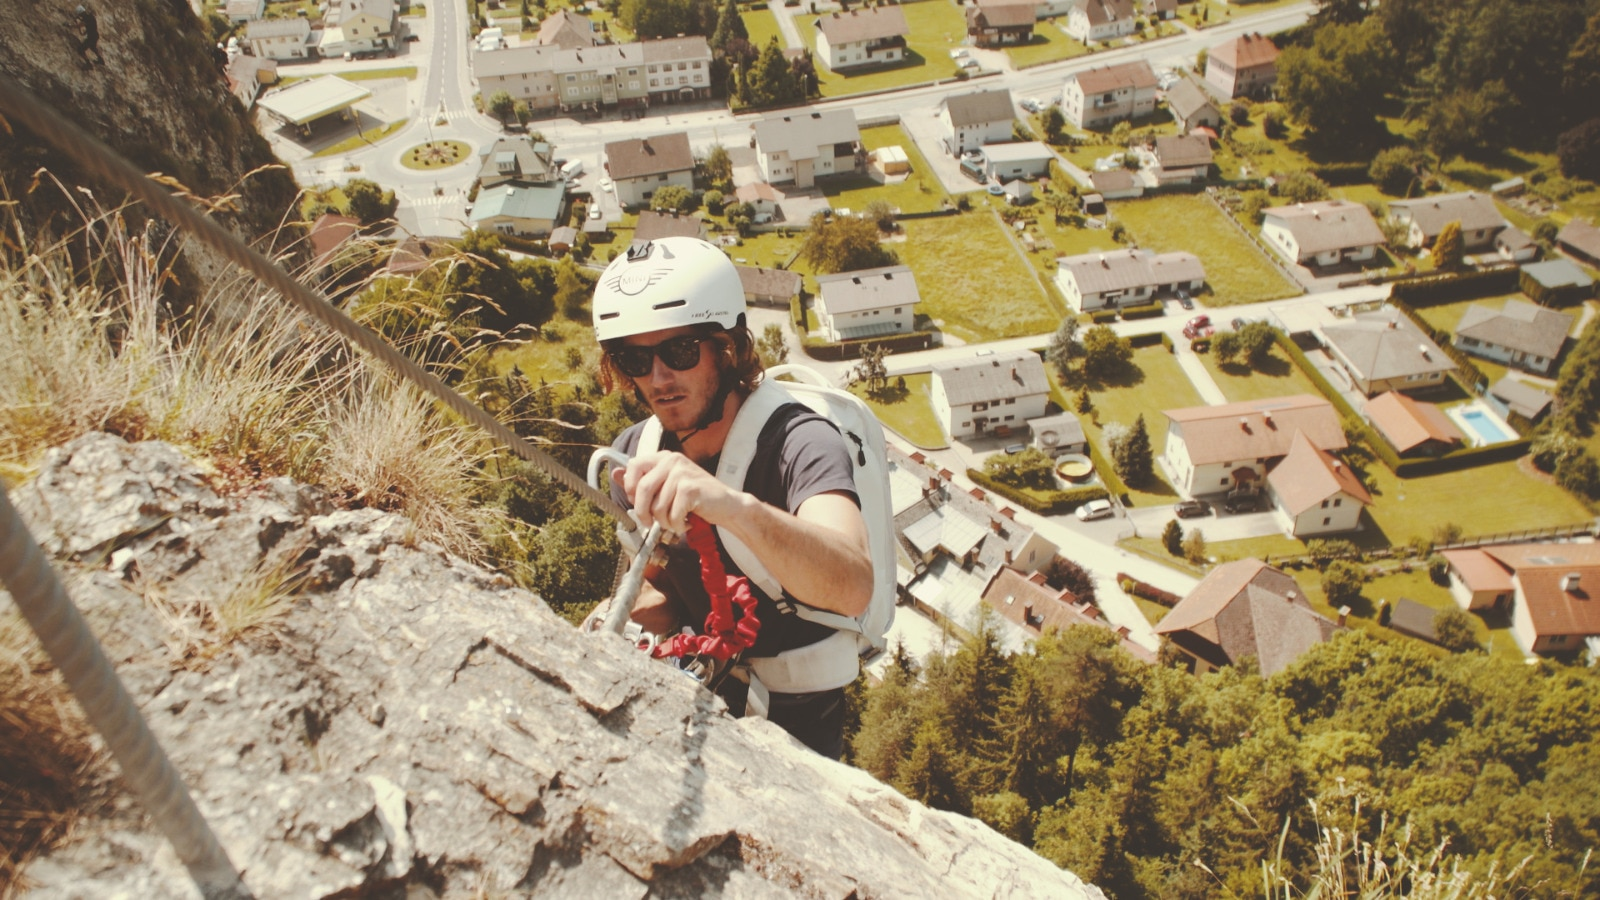 Klettersteig Griffen : Klagenfurter saß in klettersteig fest griffen minuten